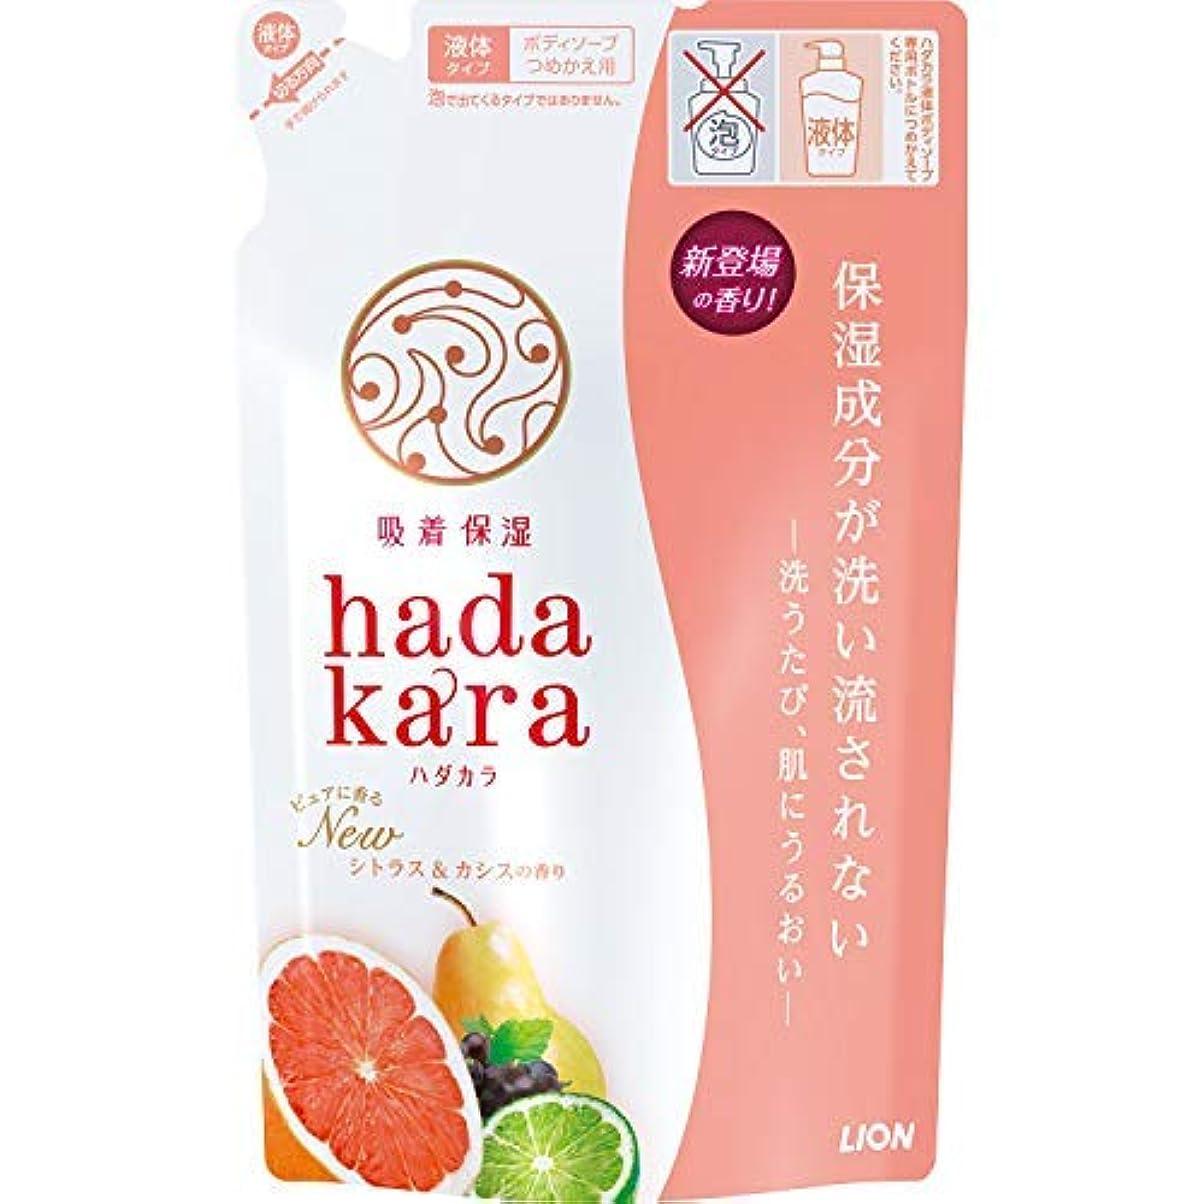 ポテト虚栄心反抗hadakara(ハダカラ)ボディソープ シトラス&カシスの香り 詰替え用 360ml × 10個セット